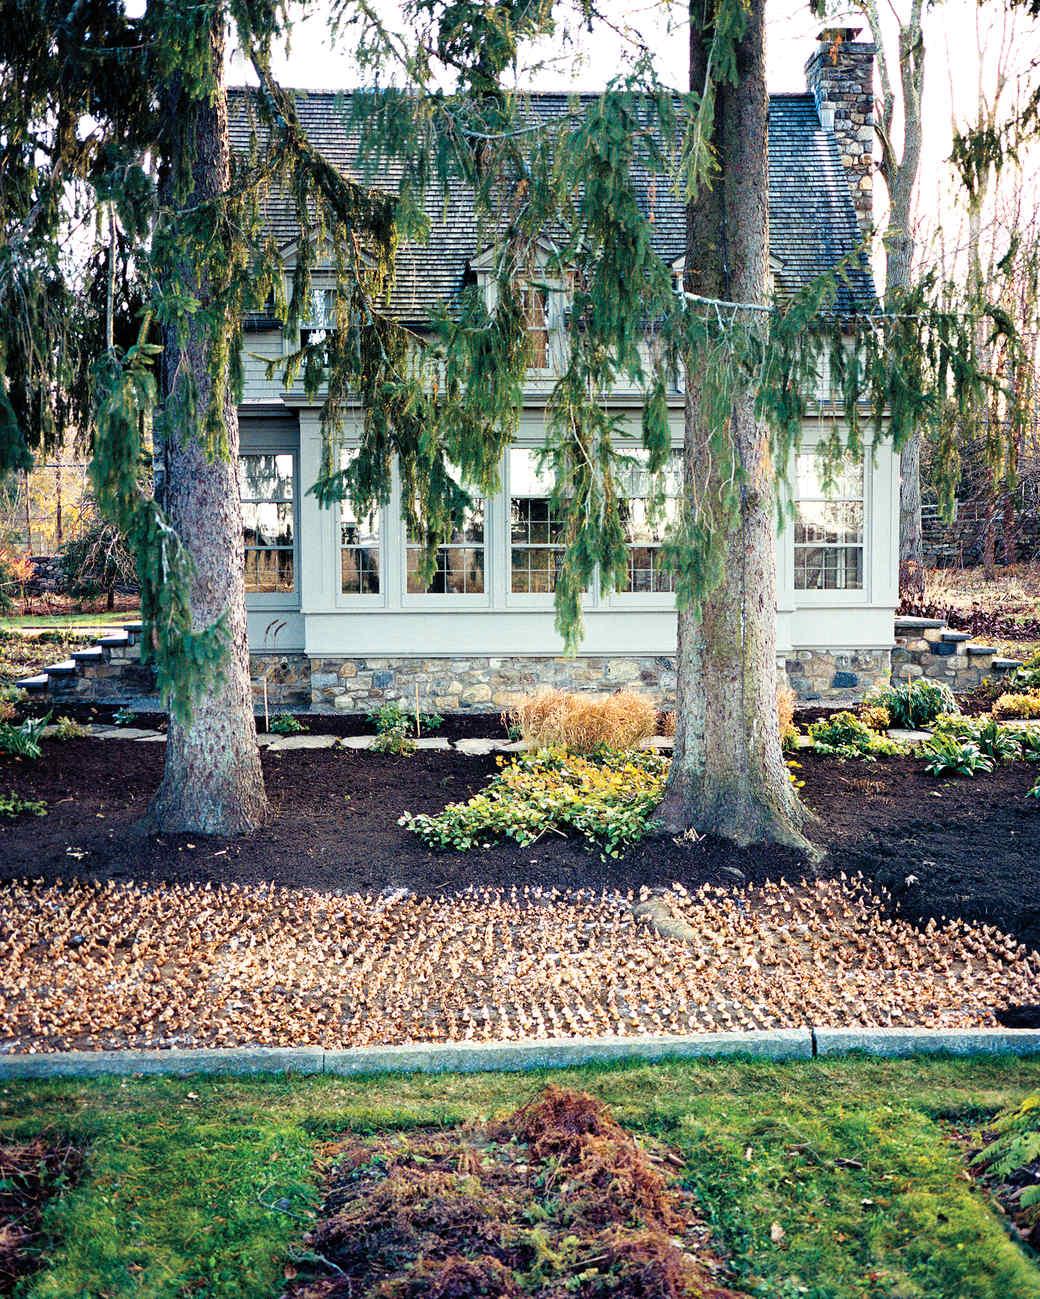 planted-bulbs-09a-8-md109664.jpg